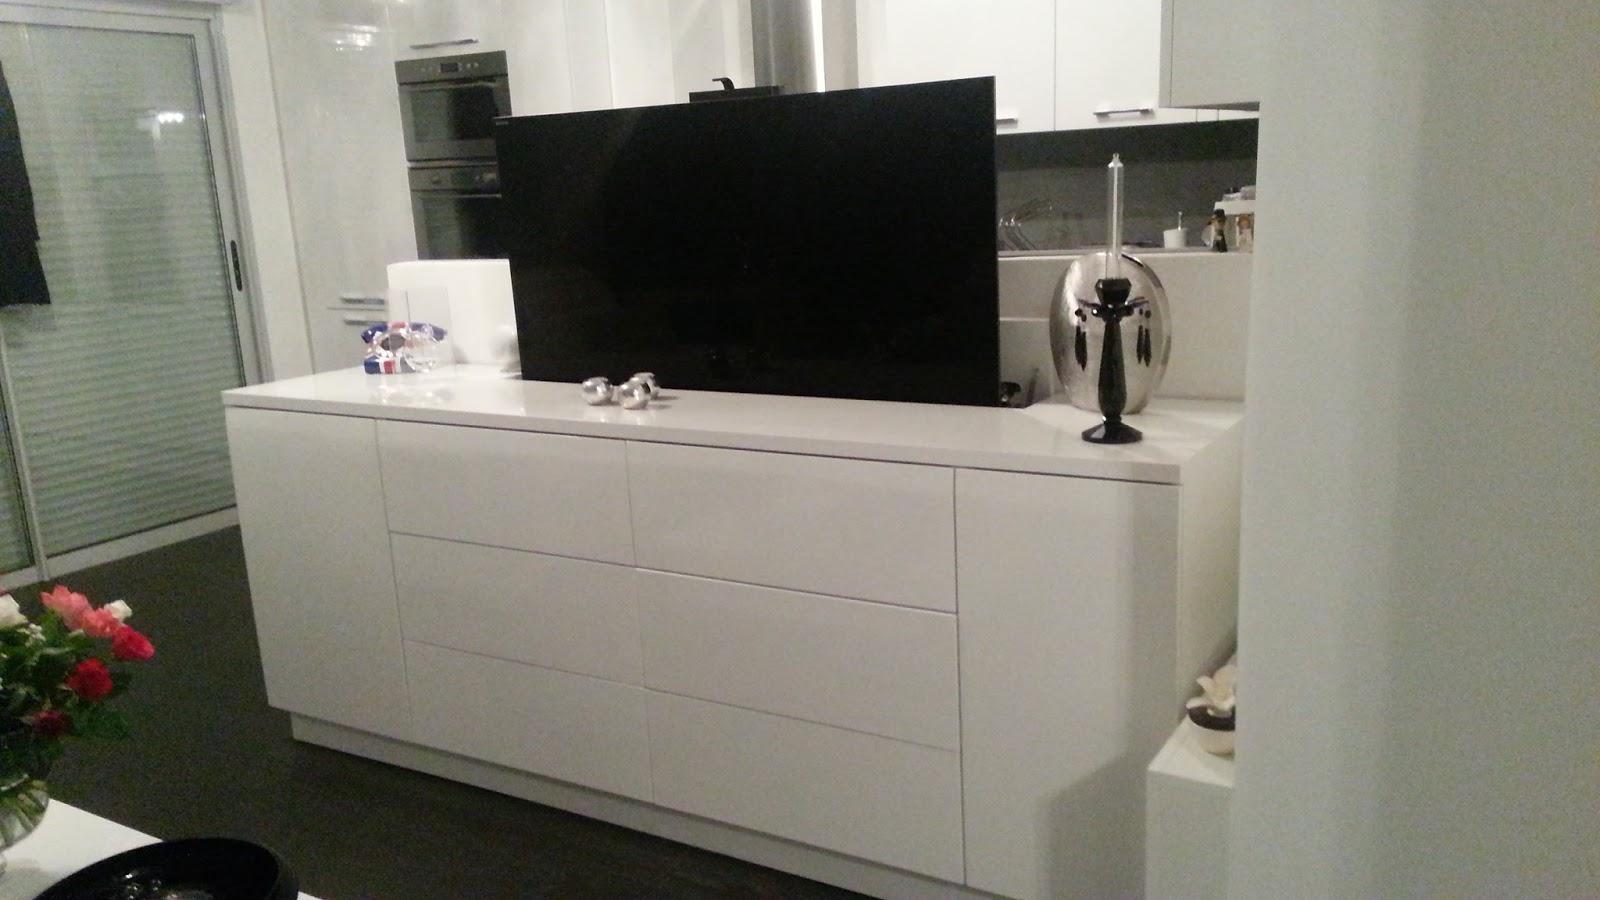 Gr gory bastouilh cr ateur de mobilier unique for H h createur de meubles